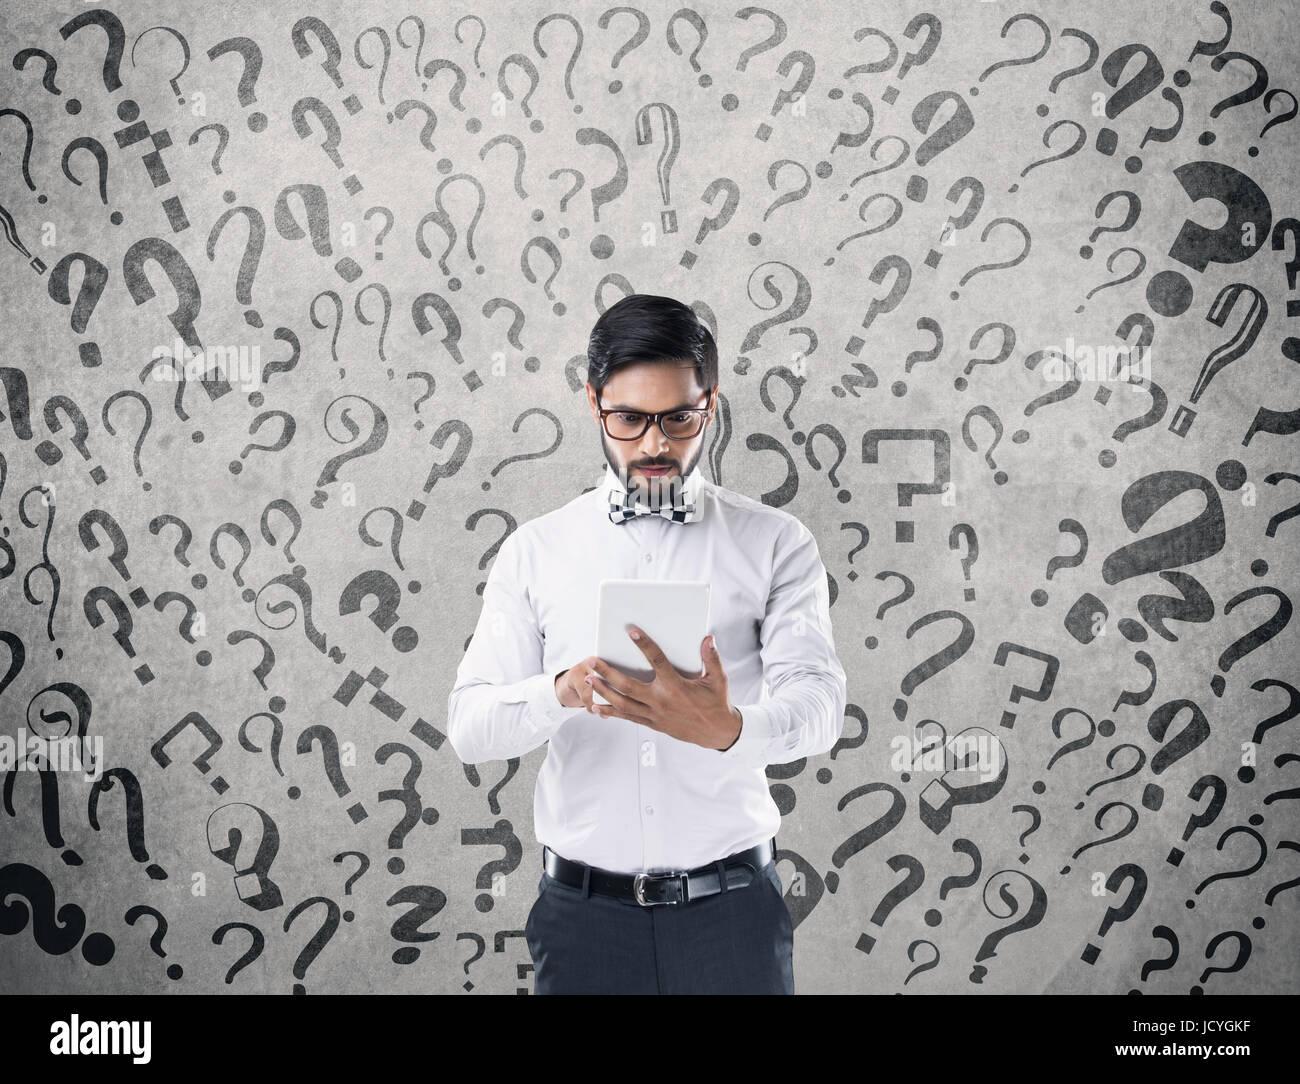 Homme d'essayer de résoudre les problèmes Photo Stock